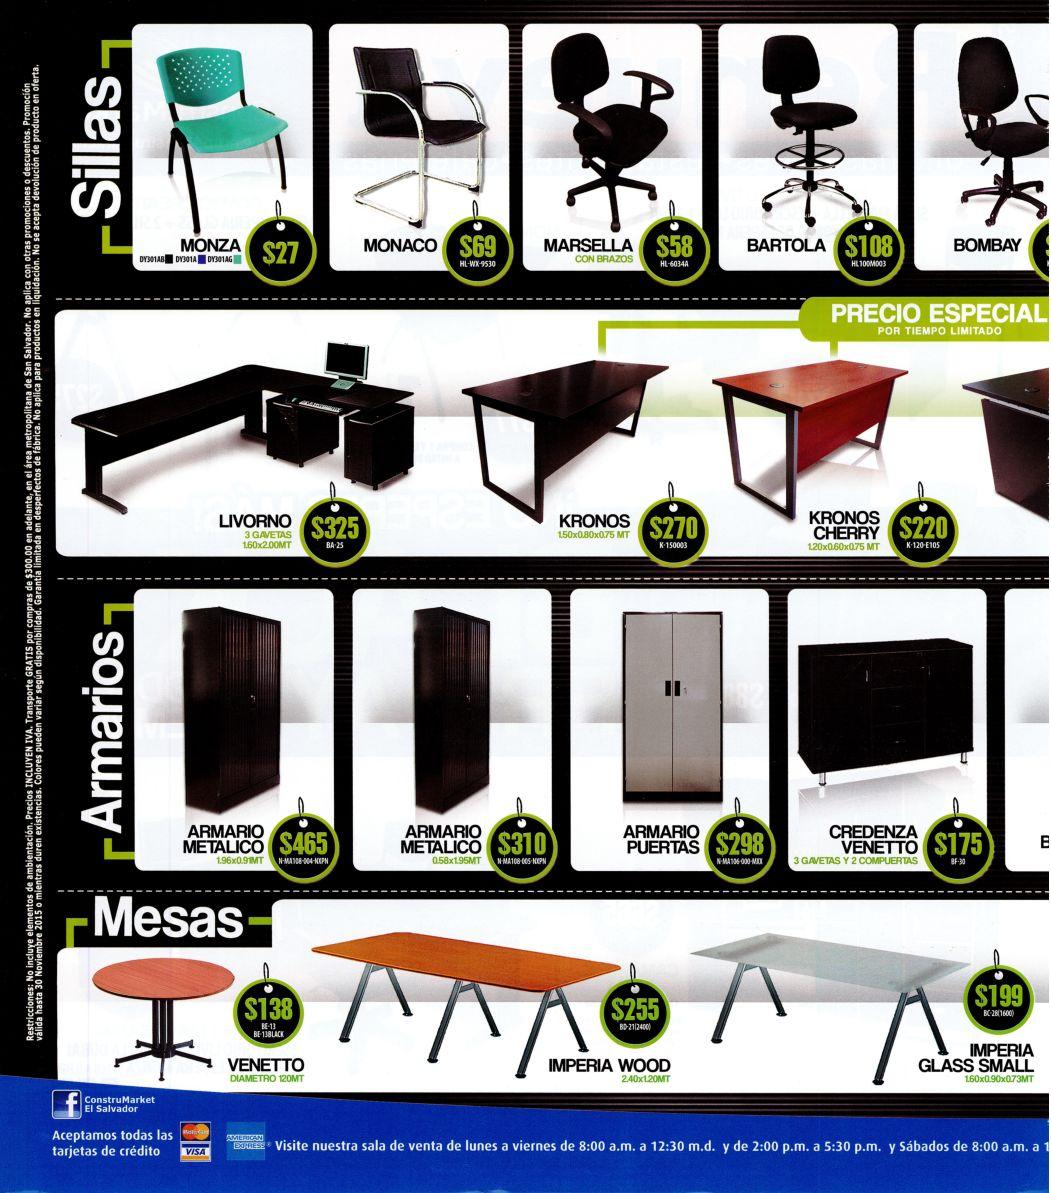 Black friday 2015 promociones en muebles sillas for Sillas oficina black friday